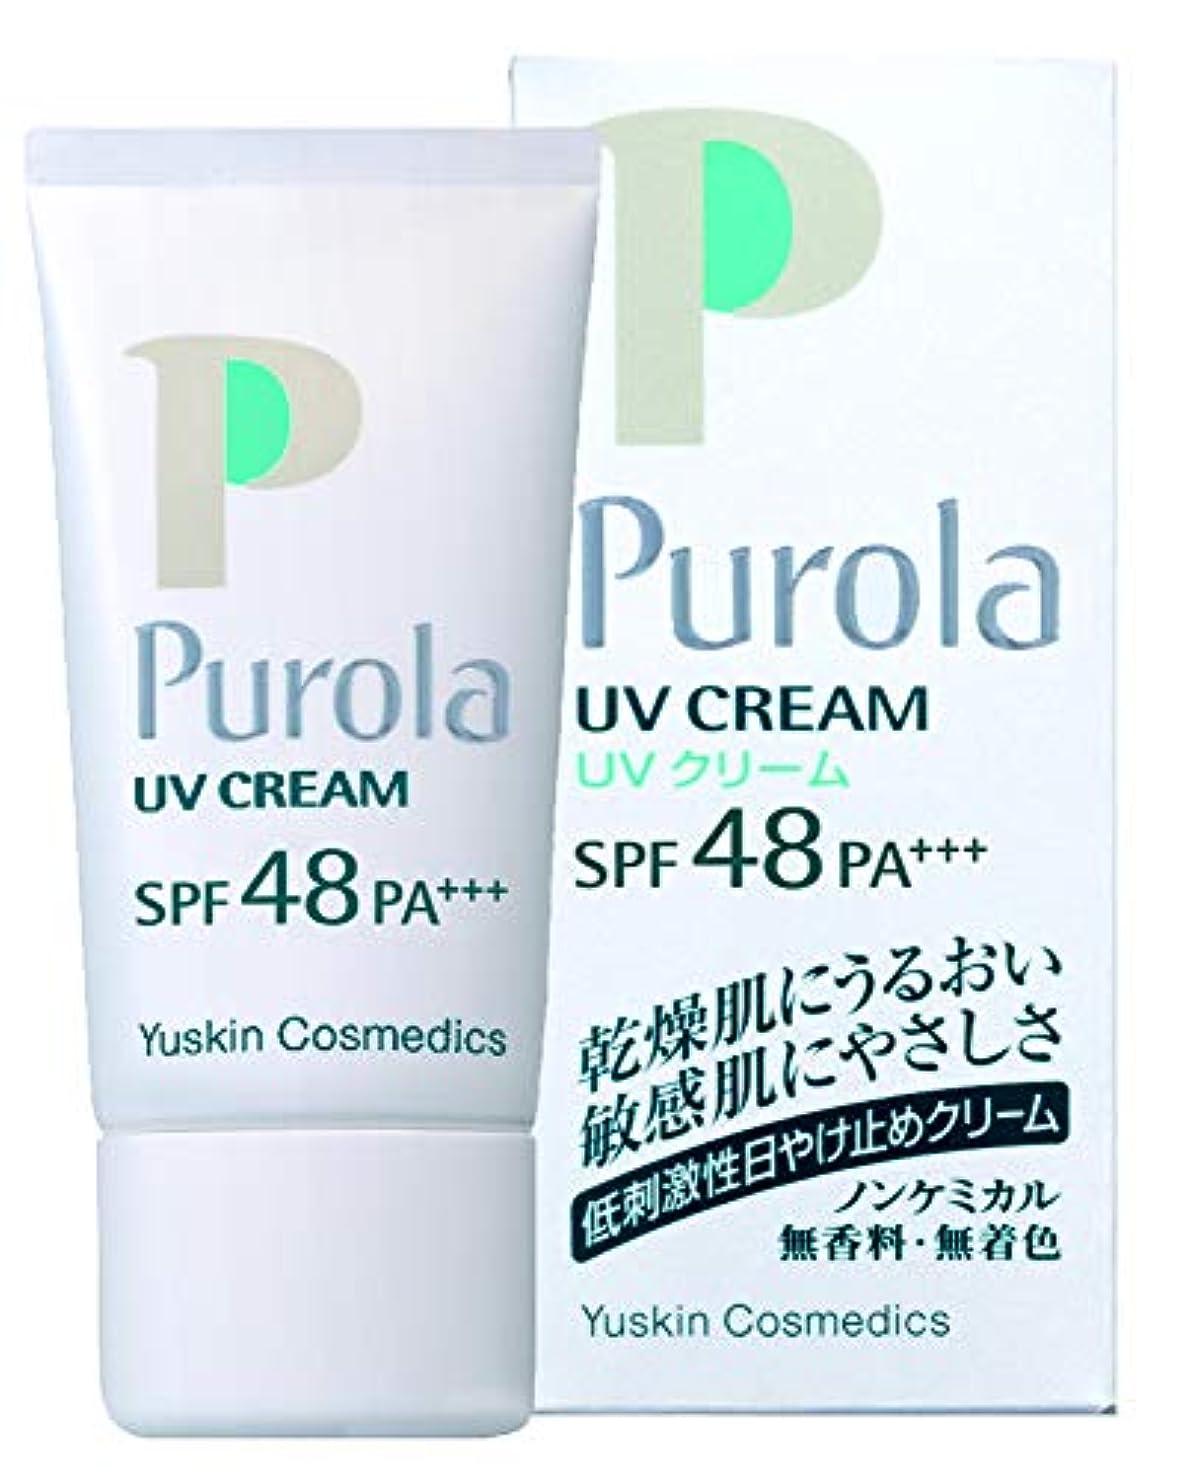 インシュレータ食料品店ファイナンスプローラ UVクリーム 30g SPF48 PA+++ (敏感肌用 日焼け止め)